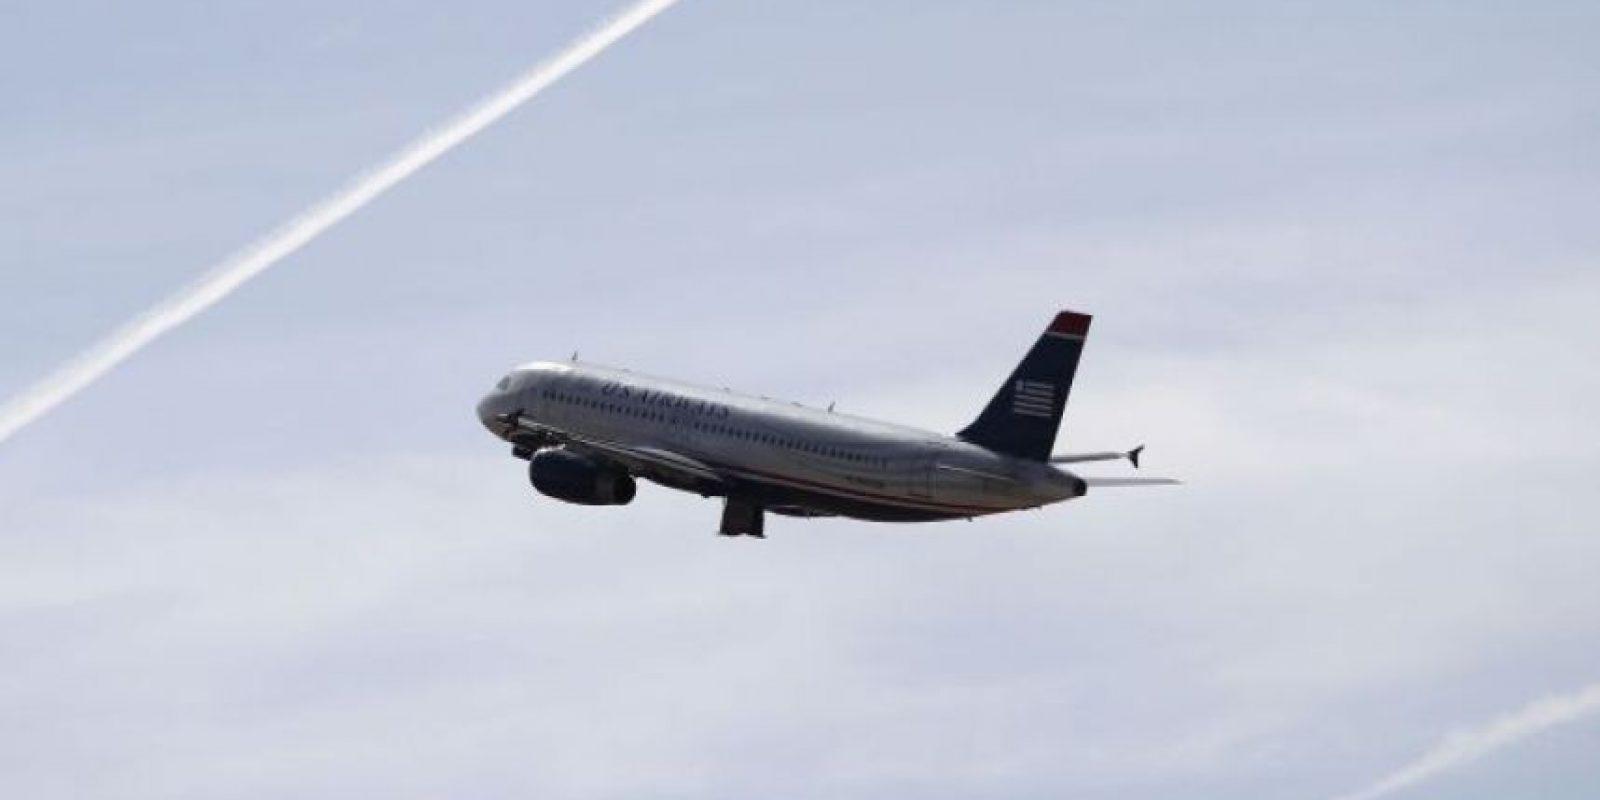 """Un vuelo de United Airlines hizo un aterrizaje de emergencia para """"deshacerse"""" de Juliette Forbes, de 15 años; y su familia, al considerar que la adolescente tenía """"problemas de conducta"""". Foto:vía Getty Images"""